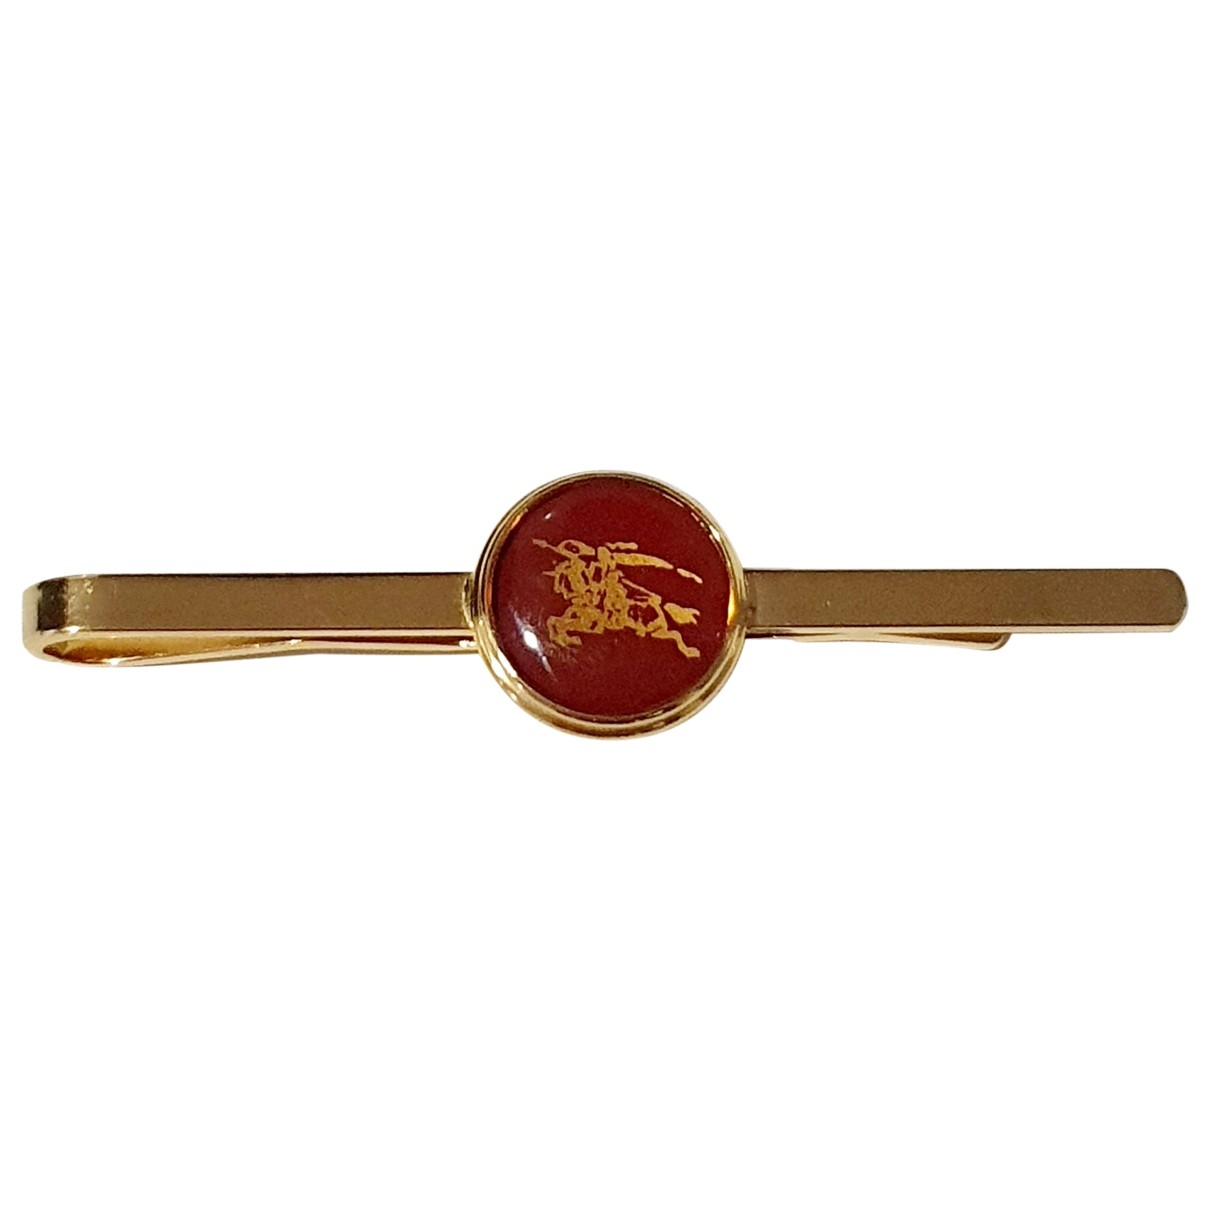 Burberry - Boutons de manchette   pour homme en metal - dore